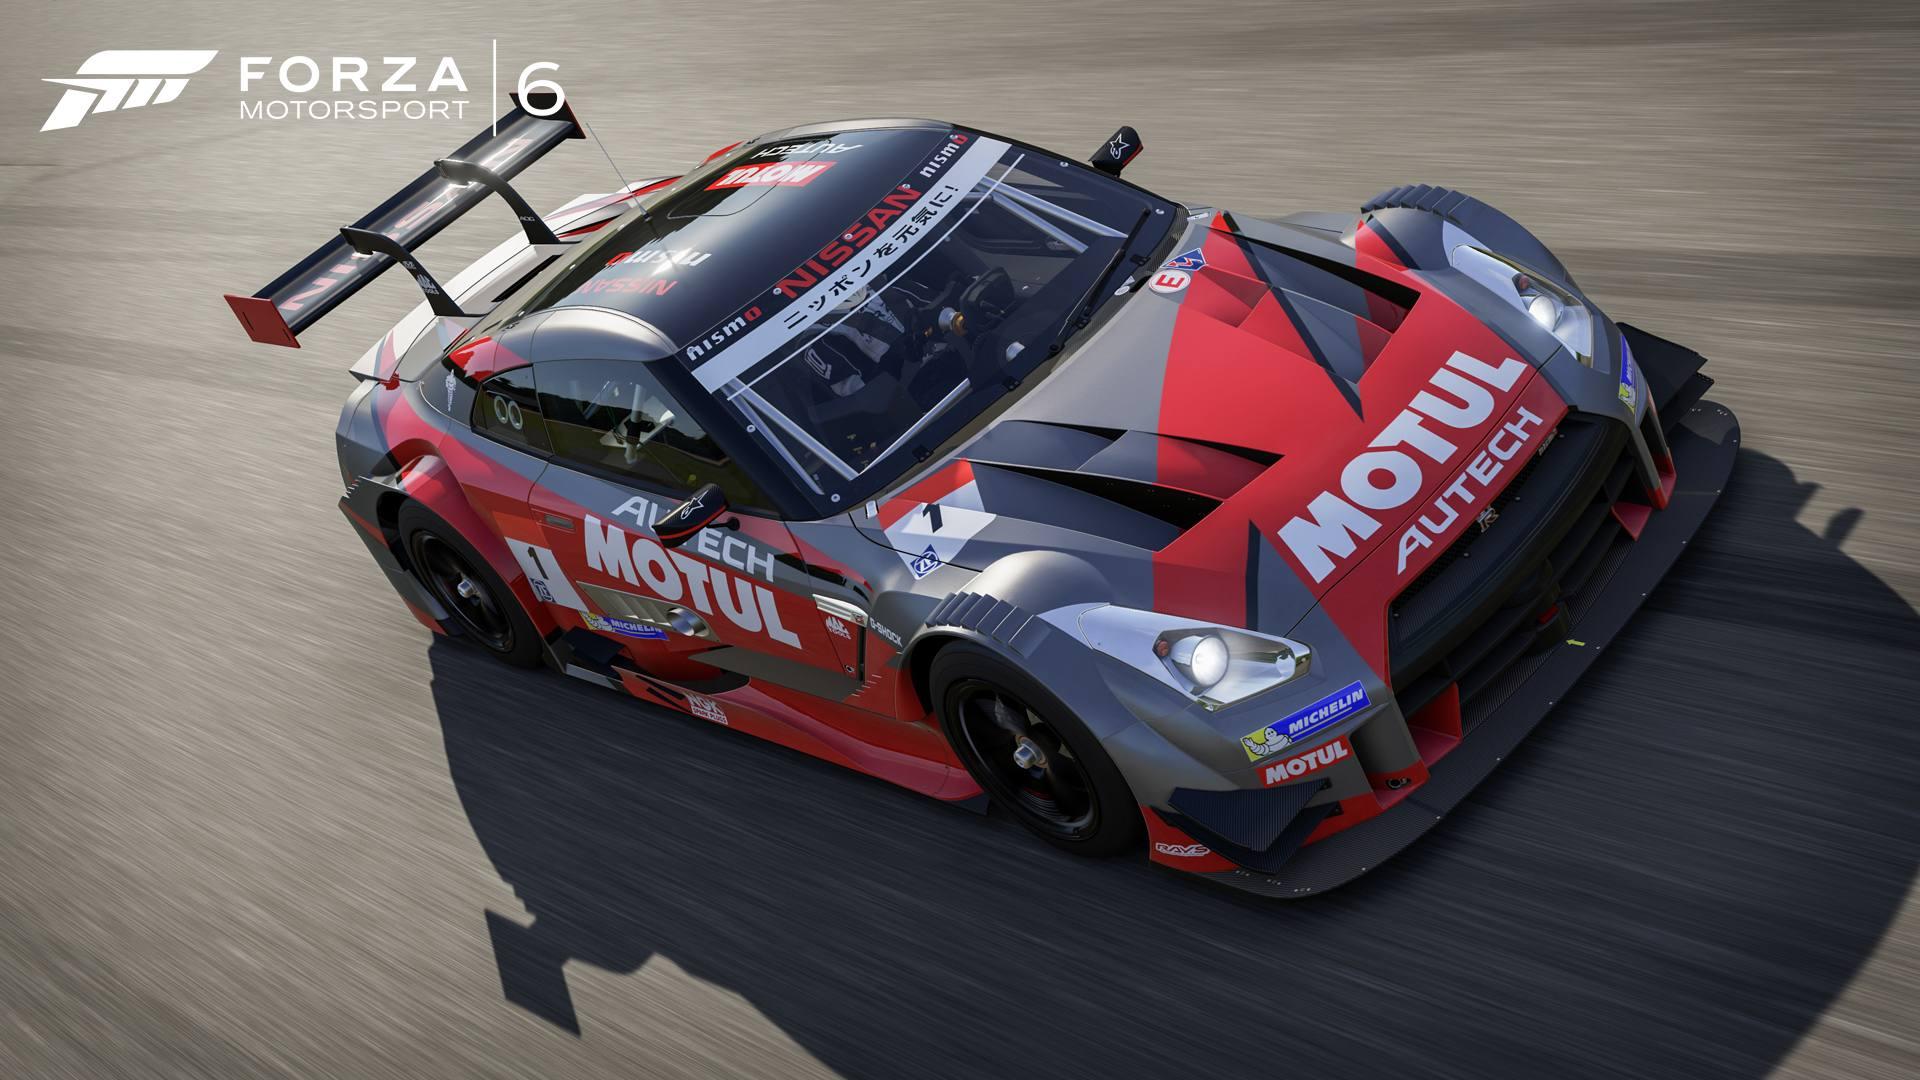 Forza Motorsport 6 05-01-16 2016 2015 Nissan #1 NISMO MOTUL AUTECH GT-R